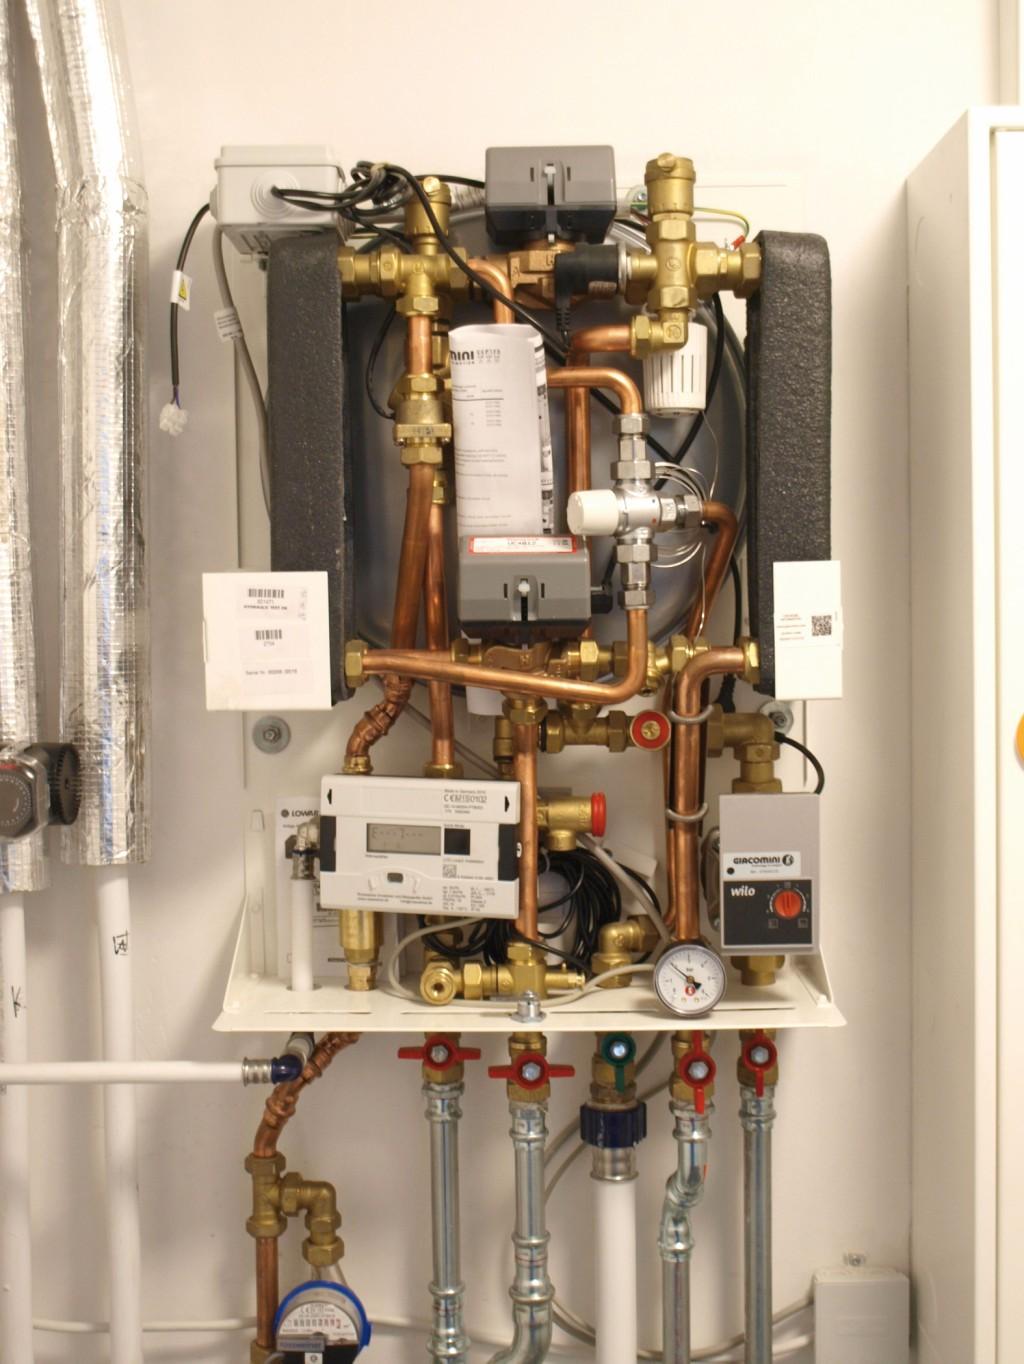 Die GE 556–1 verfügt über zwei Wärmetauscher, die eine Entkopplung des Sekundär- vom Primärkreislauf ermöglichen und zusammen mit der integrierten Wassermangelsicherung dafür sorgen, dass sich Defekte in einem einzelnen Haus nicht mehr auf die komplette Anlage auswirken. Bild: Giacomini